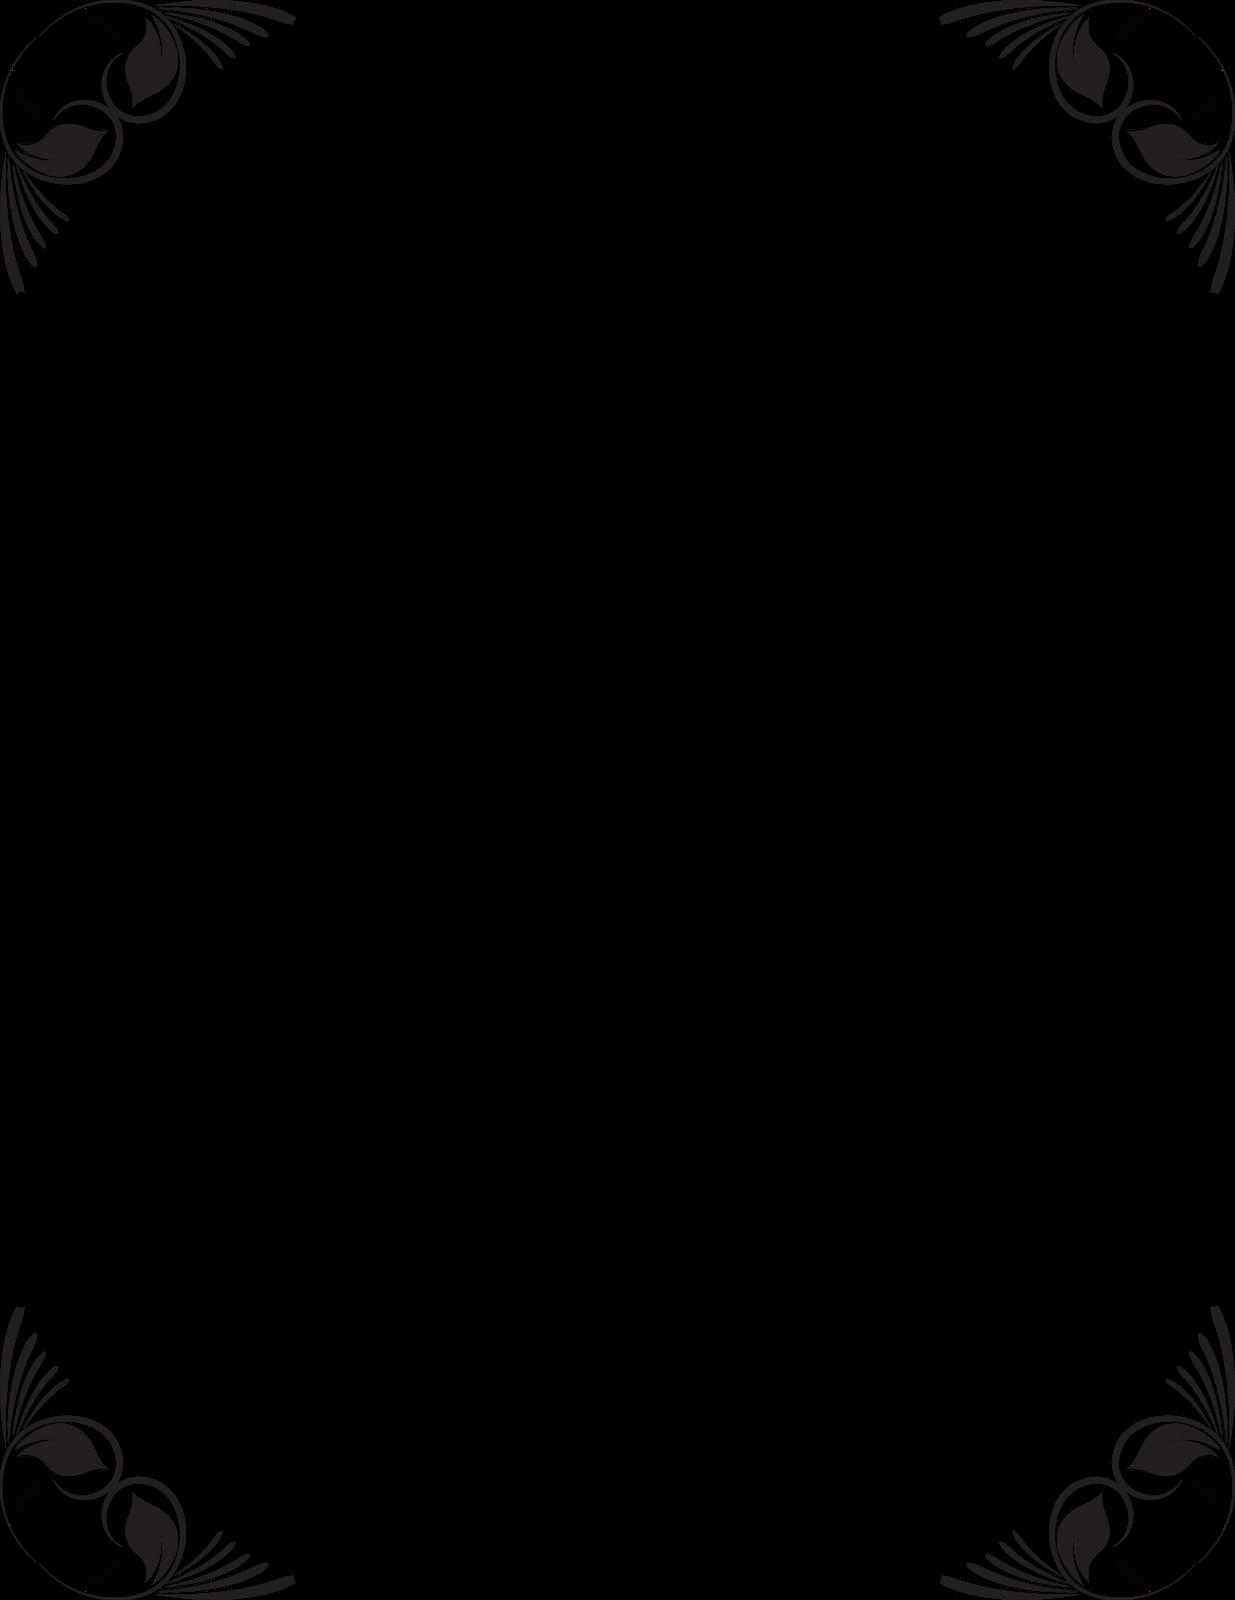 Black and White Frame Border Design.